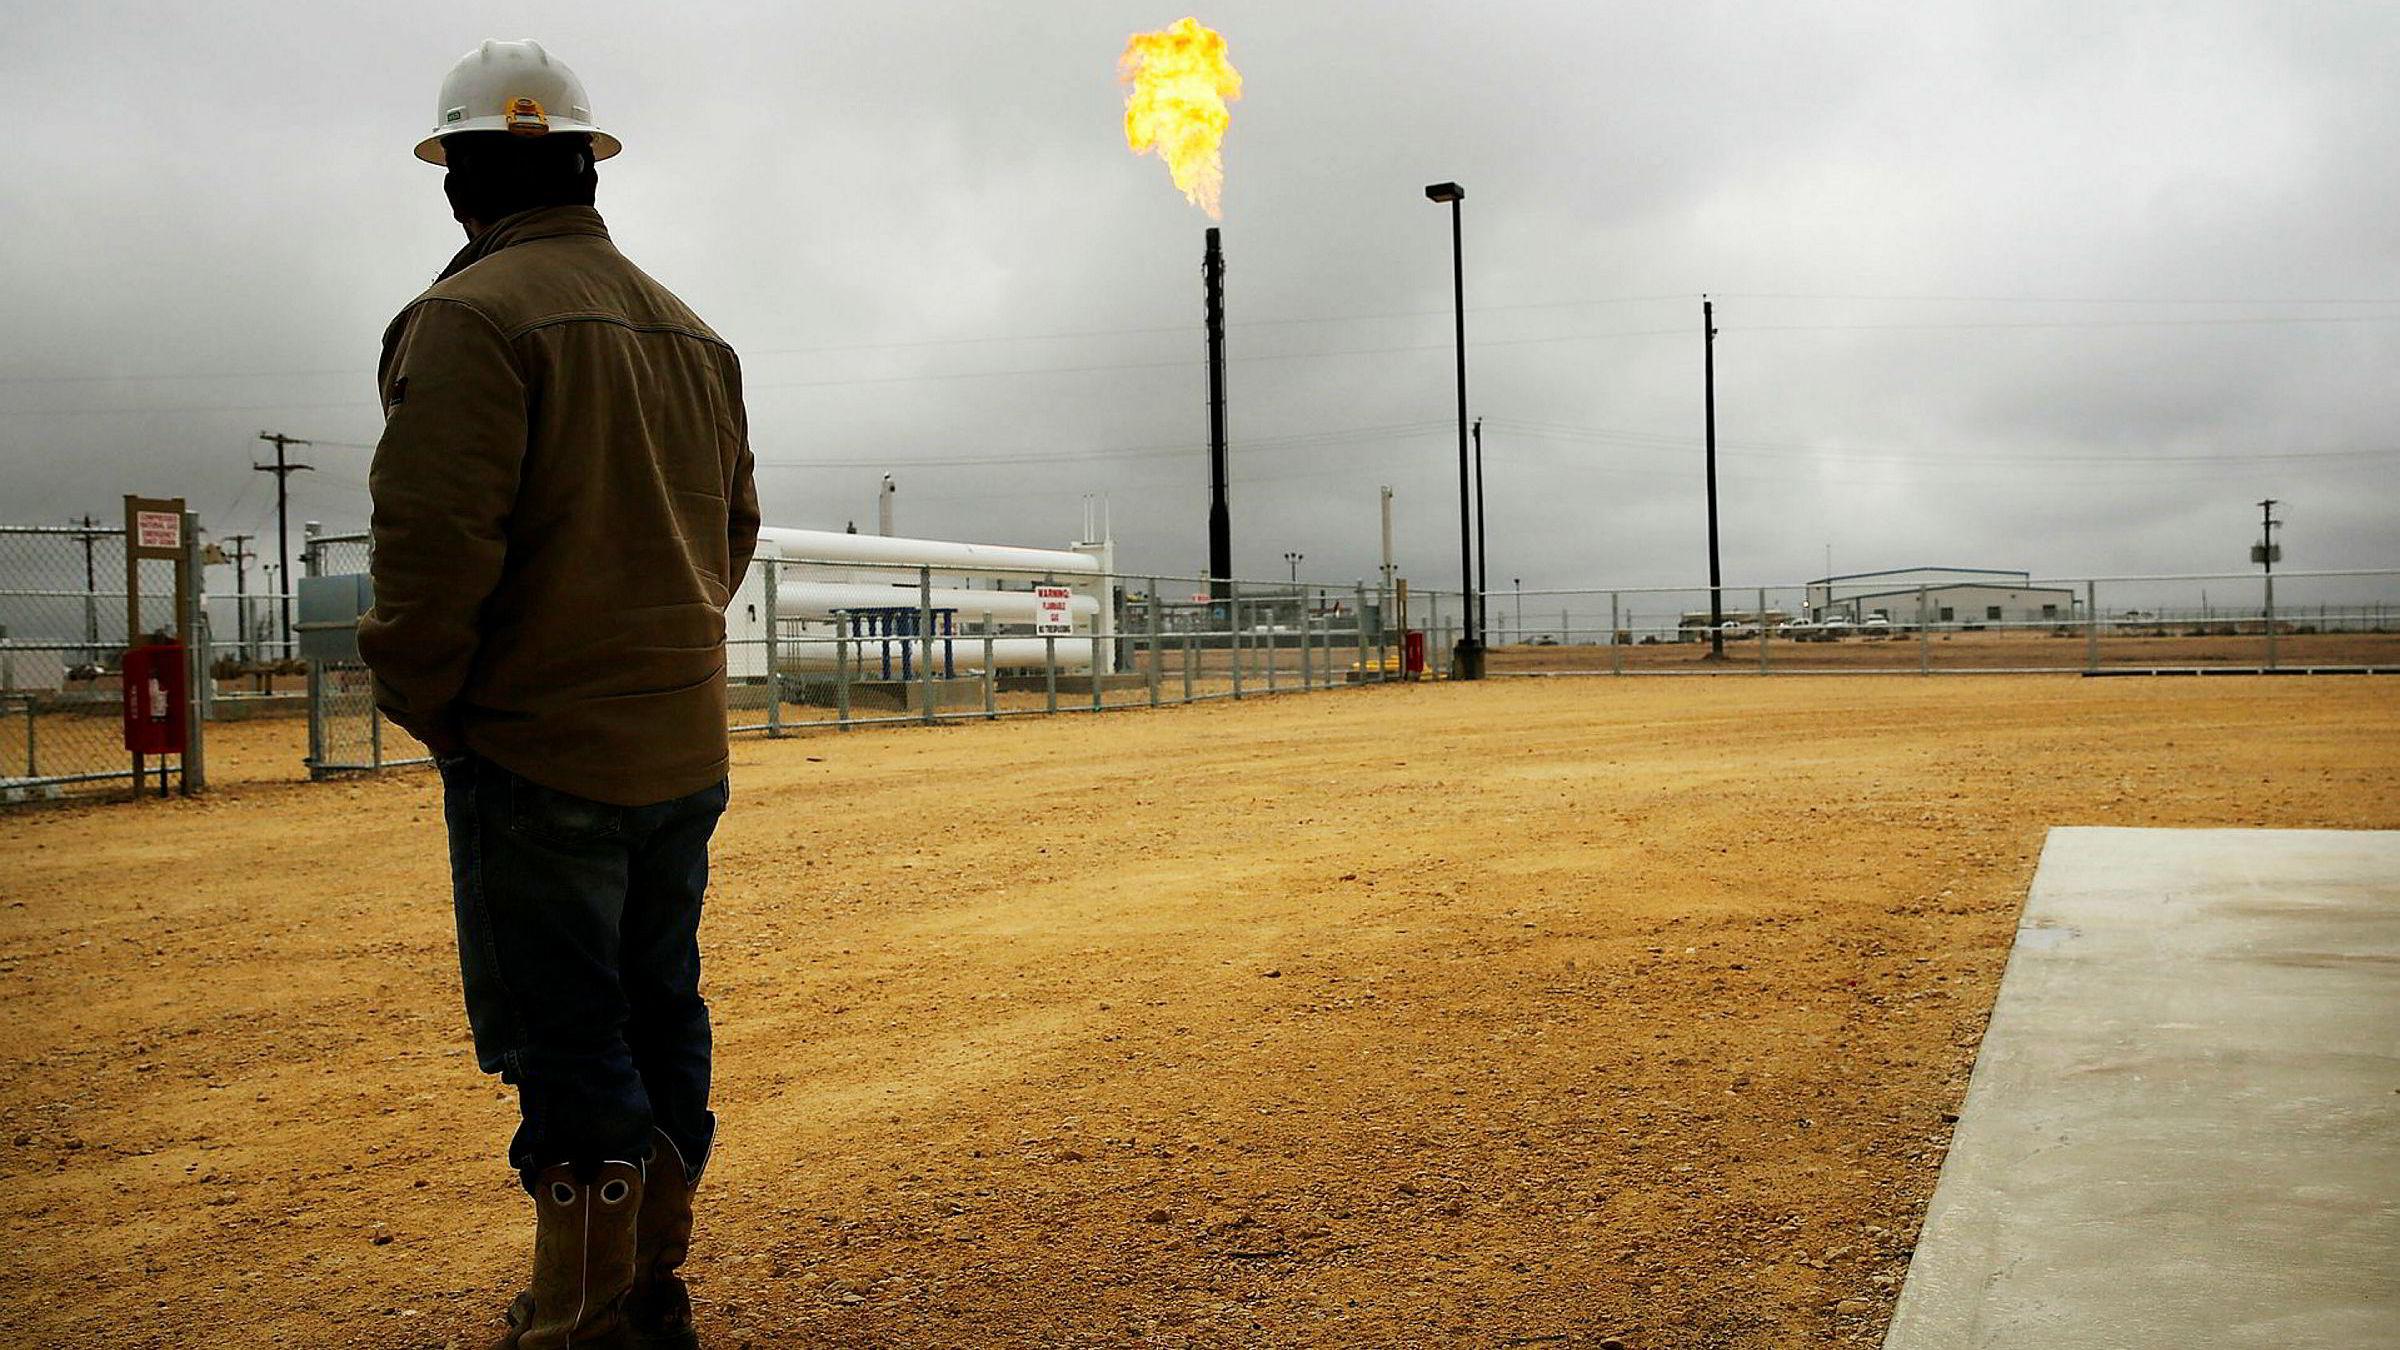 Amerikansk råoljeproduksjon forventer å treffe nye høyder i 2018. Her fra en av oljeselskapet Apache Corporations brønner i Permian-bassenget.